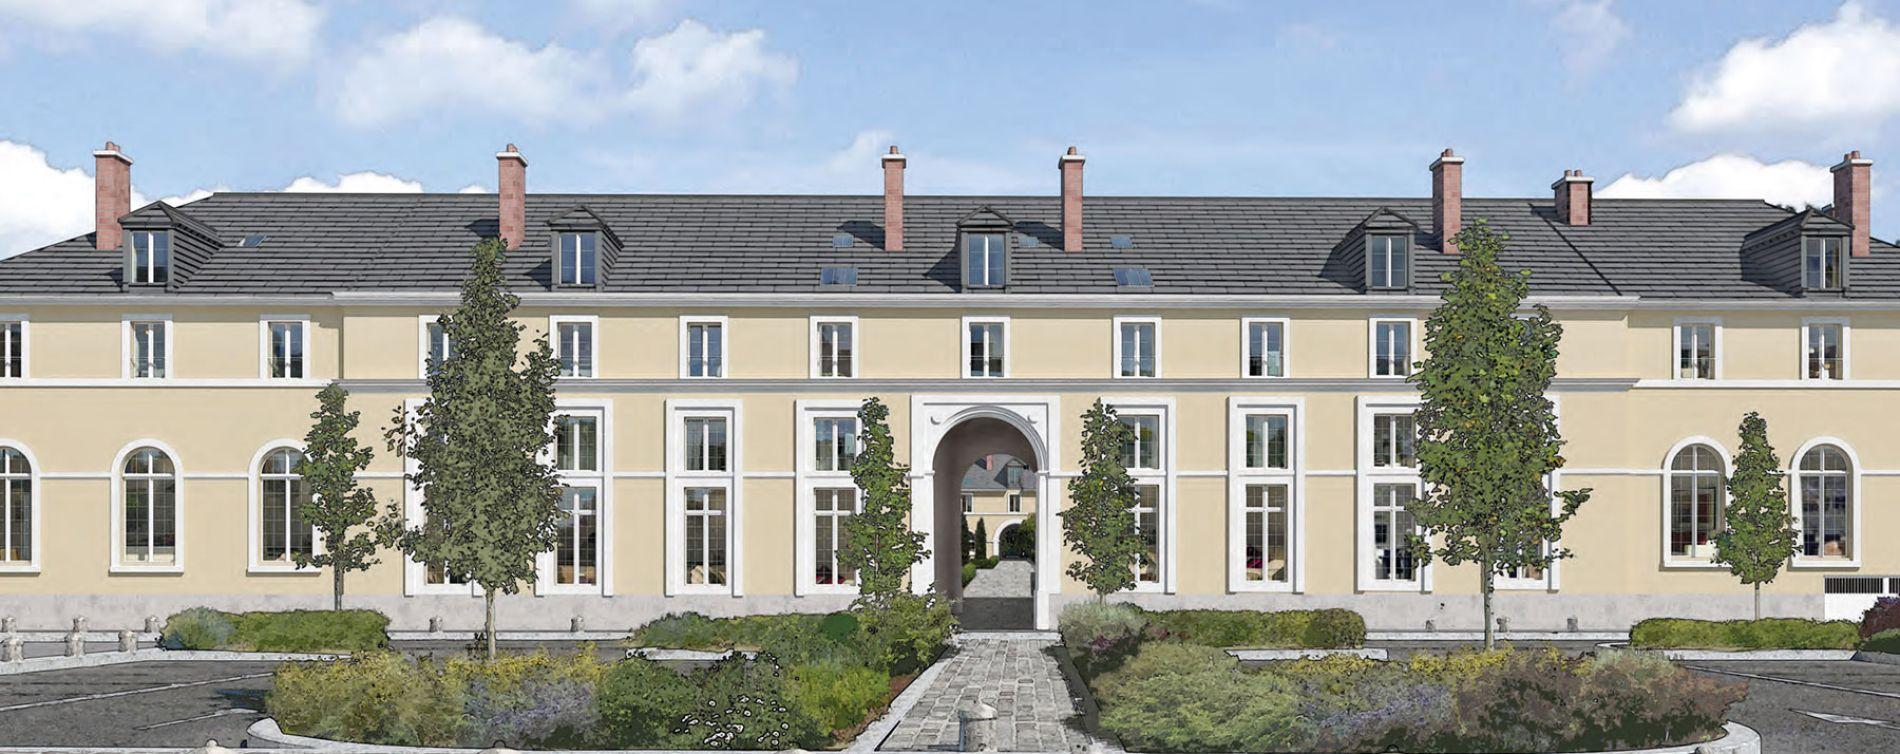 Résidence Passage Royal à Compiègne